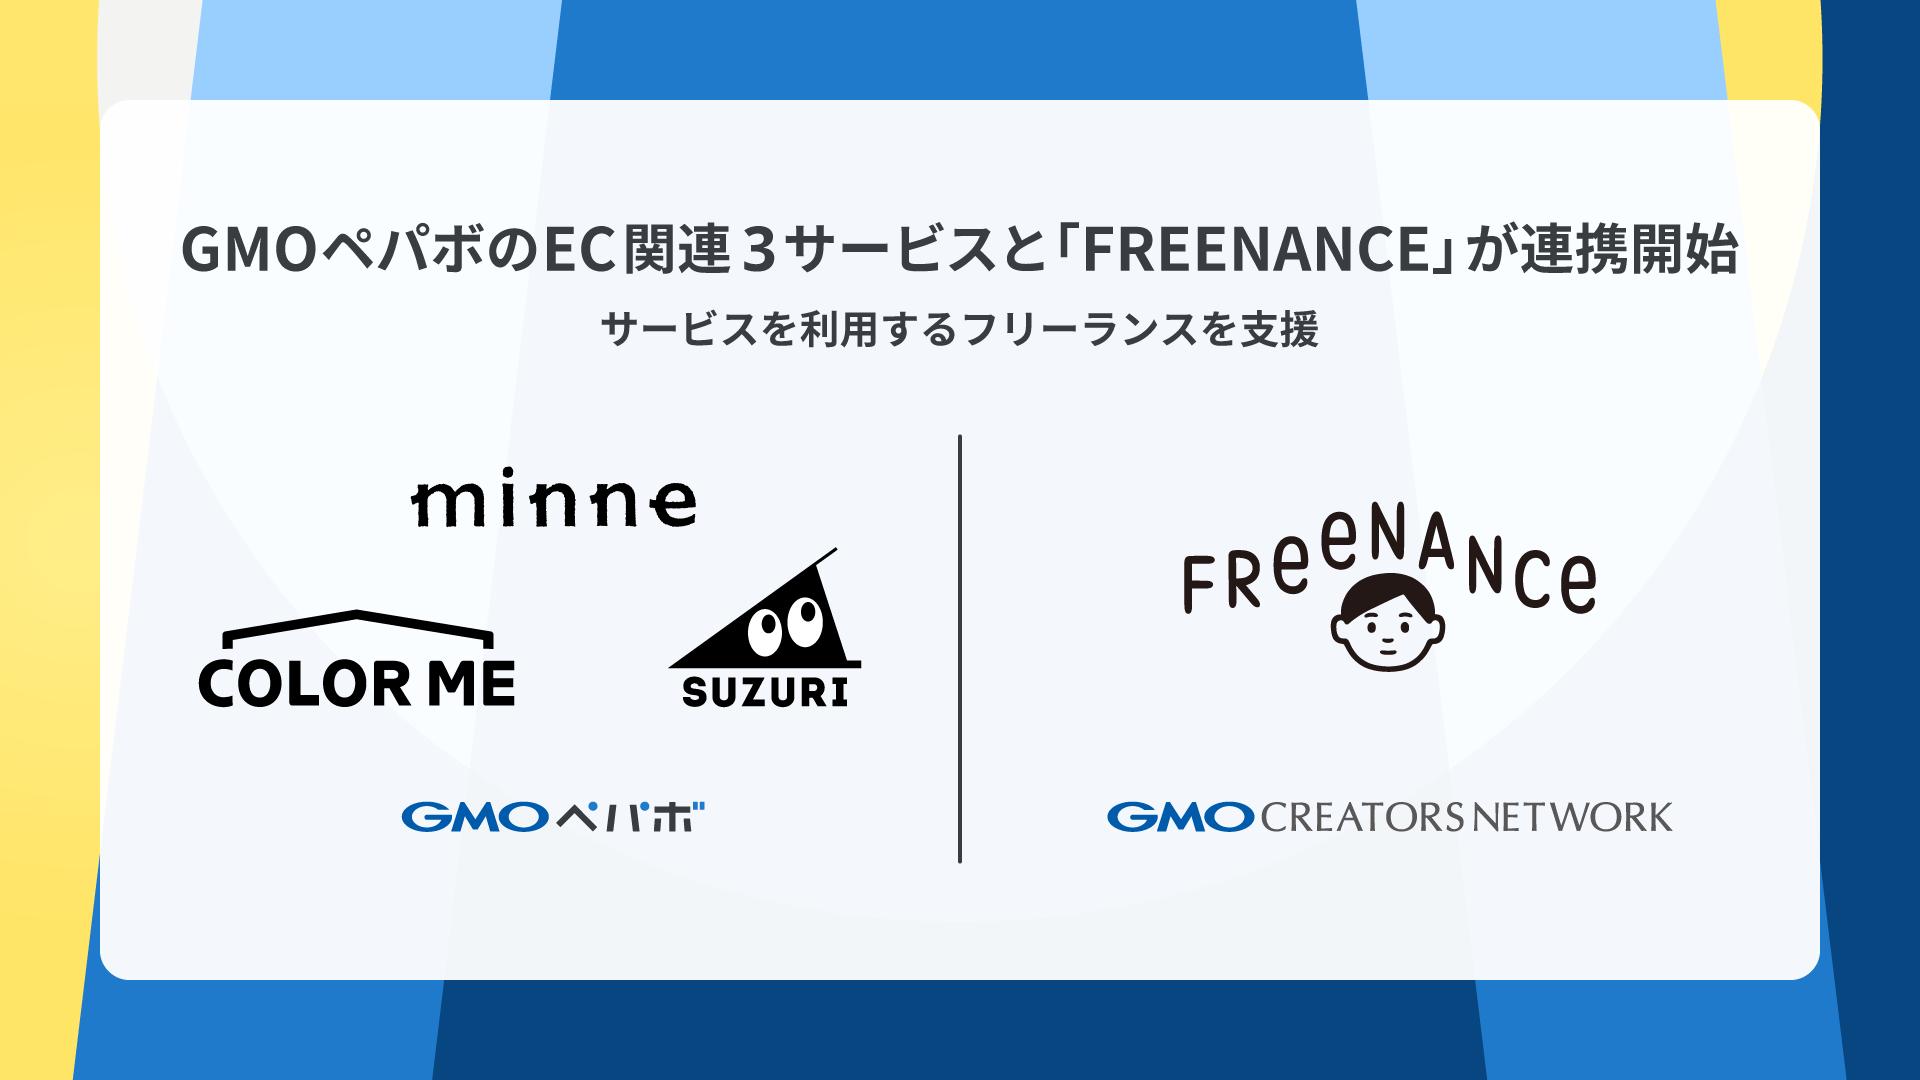 GMOペパボのEC関連3サービスと「FREENANCE」が連携開始 サービスを利用するフリーランスを支援